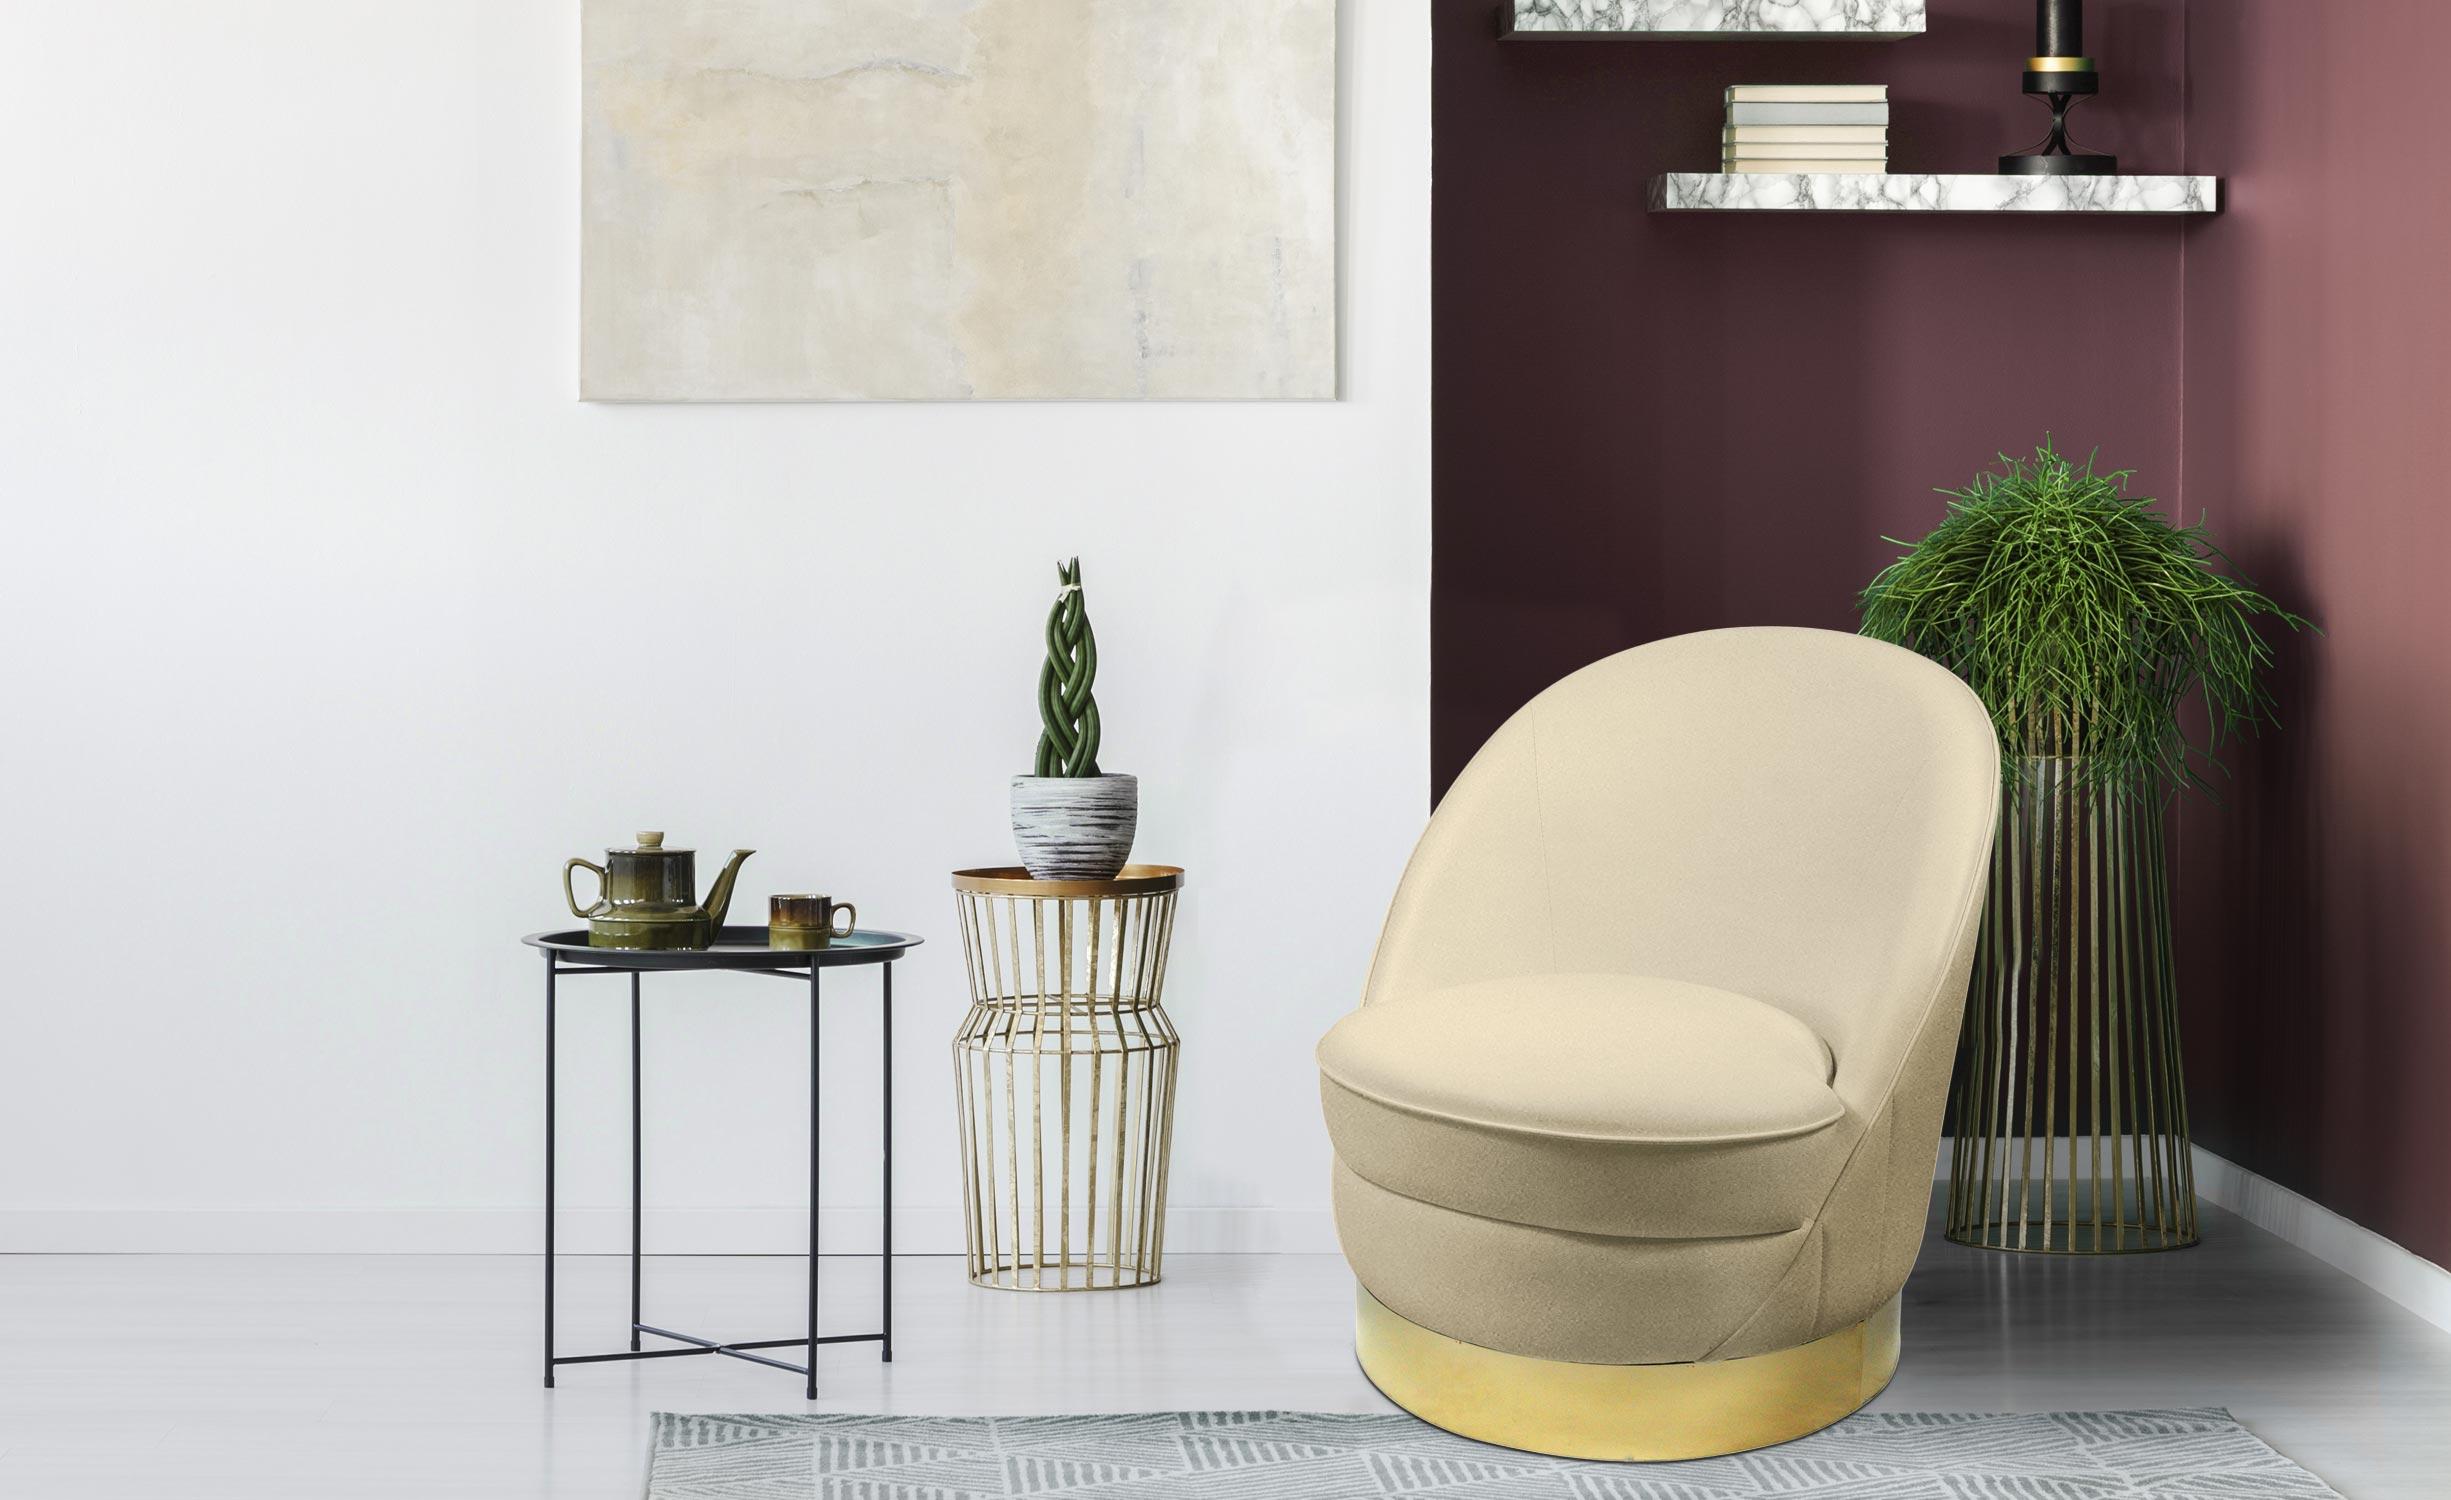 Aristy ronde fauteuil beige fluweel